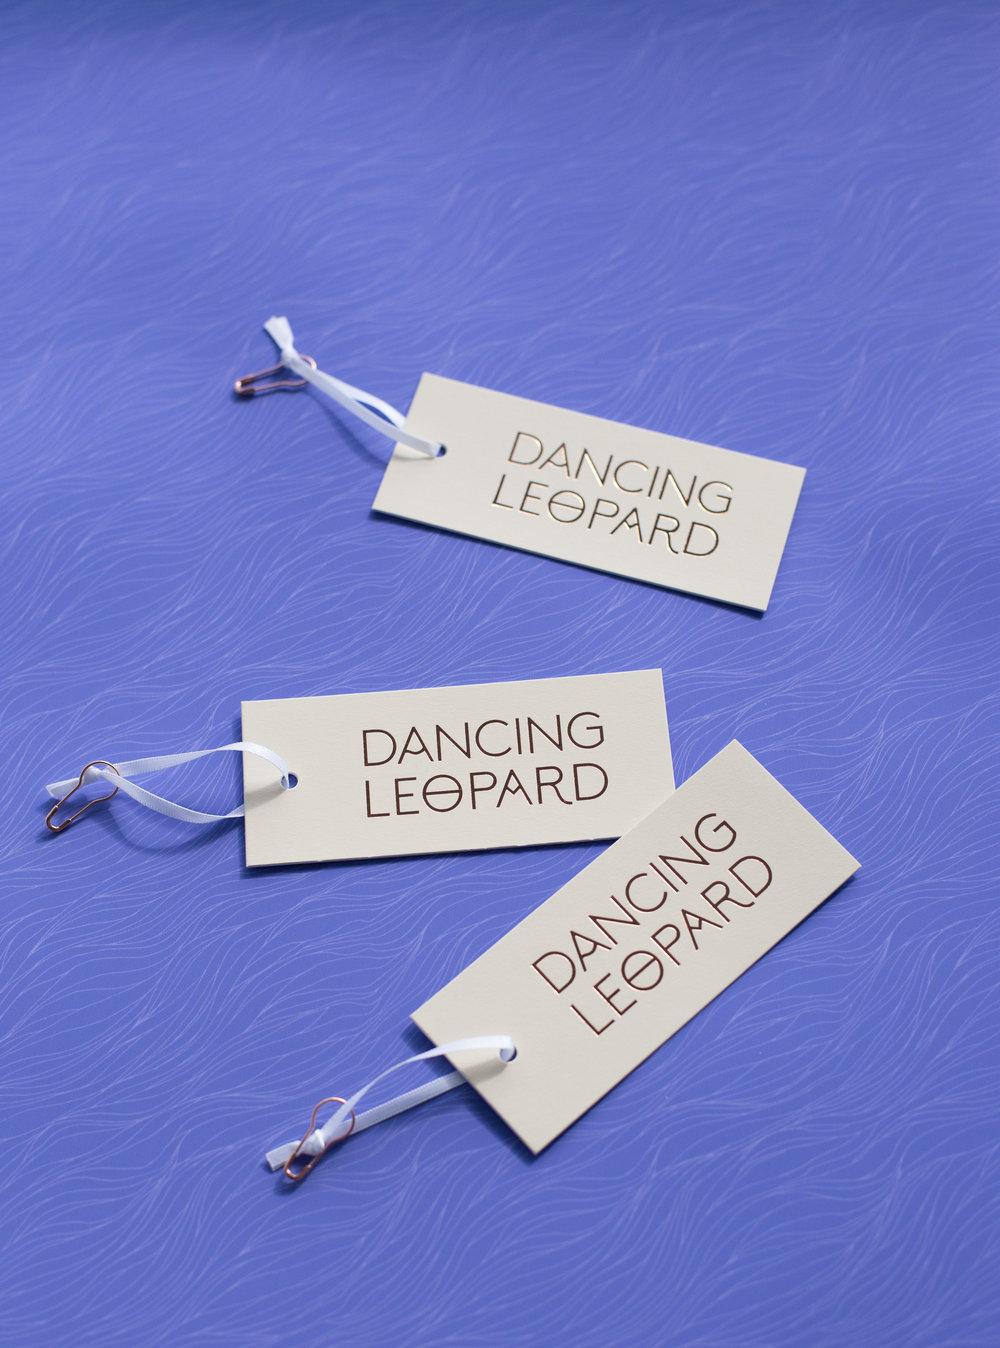 ClaireHartleyPortfolio_DancingLeopard -4.jpg